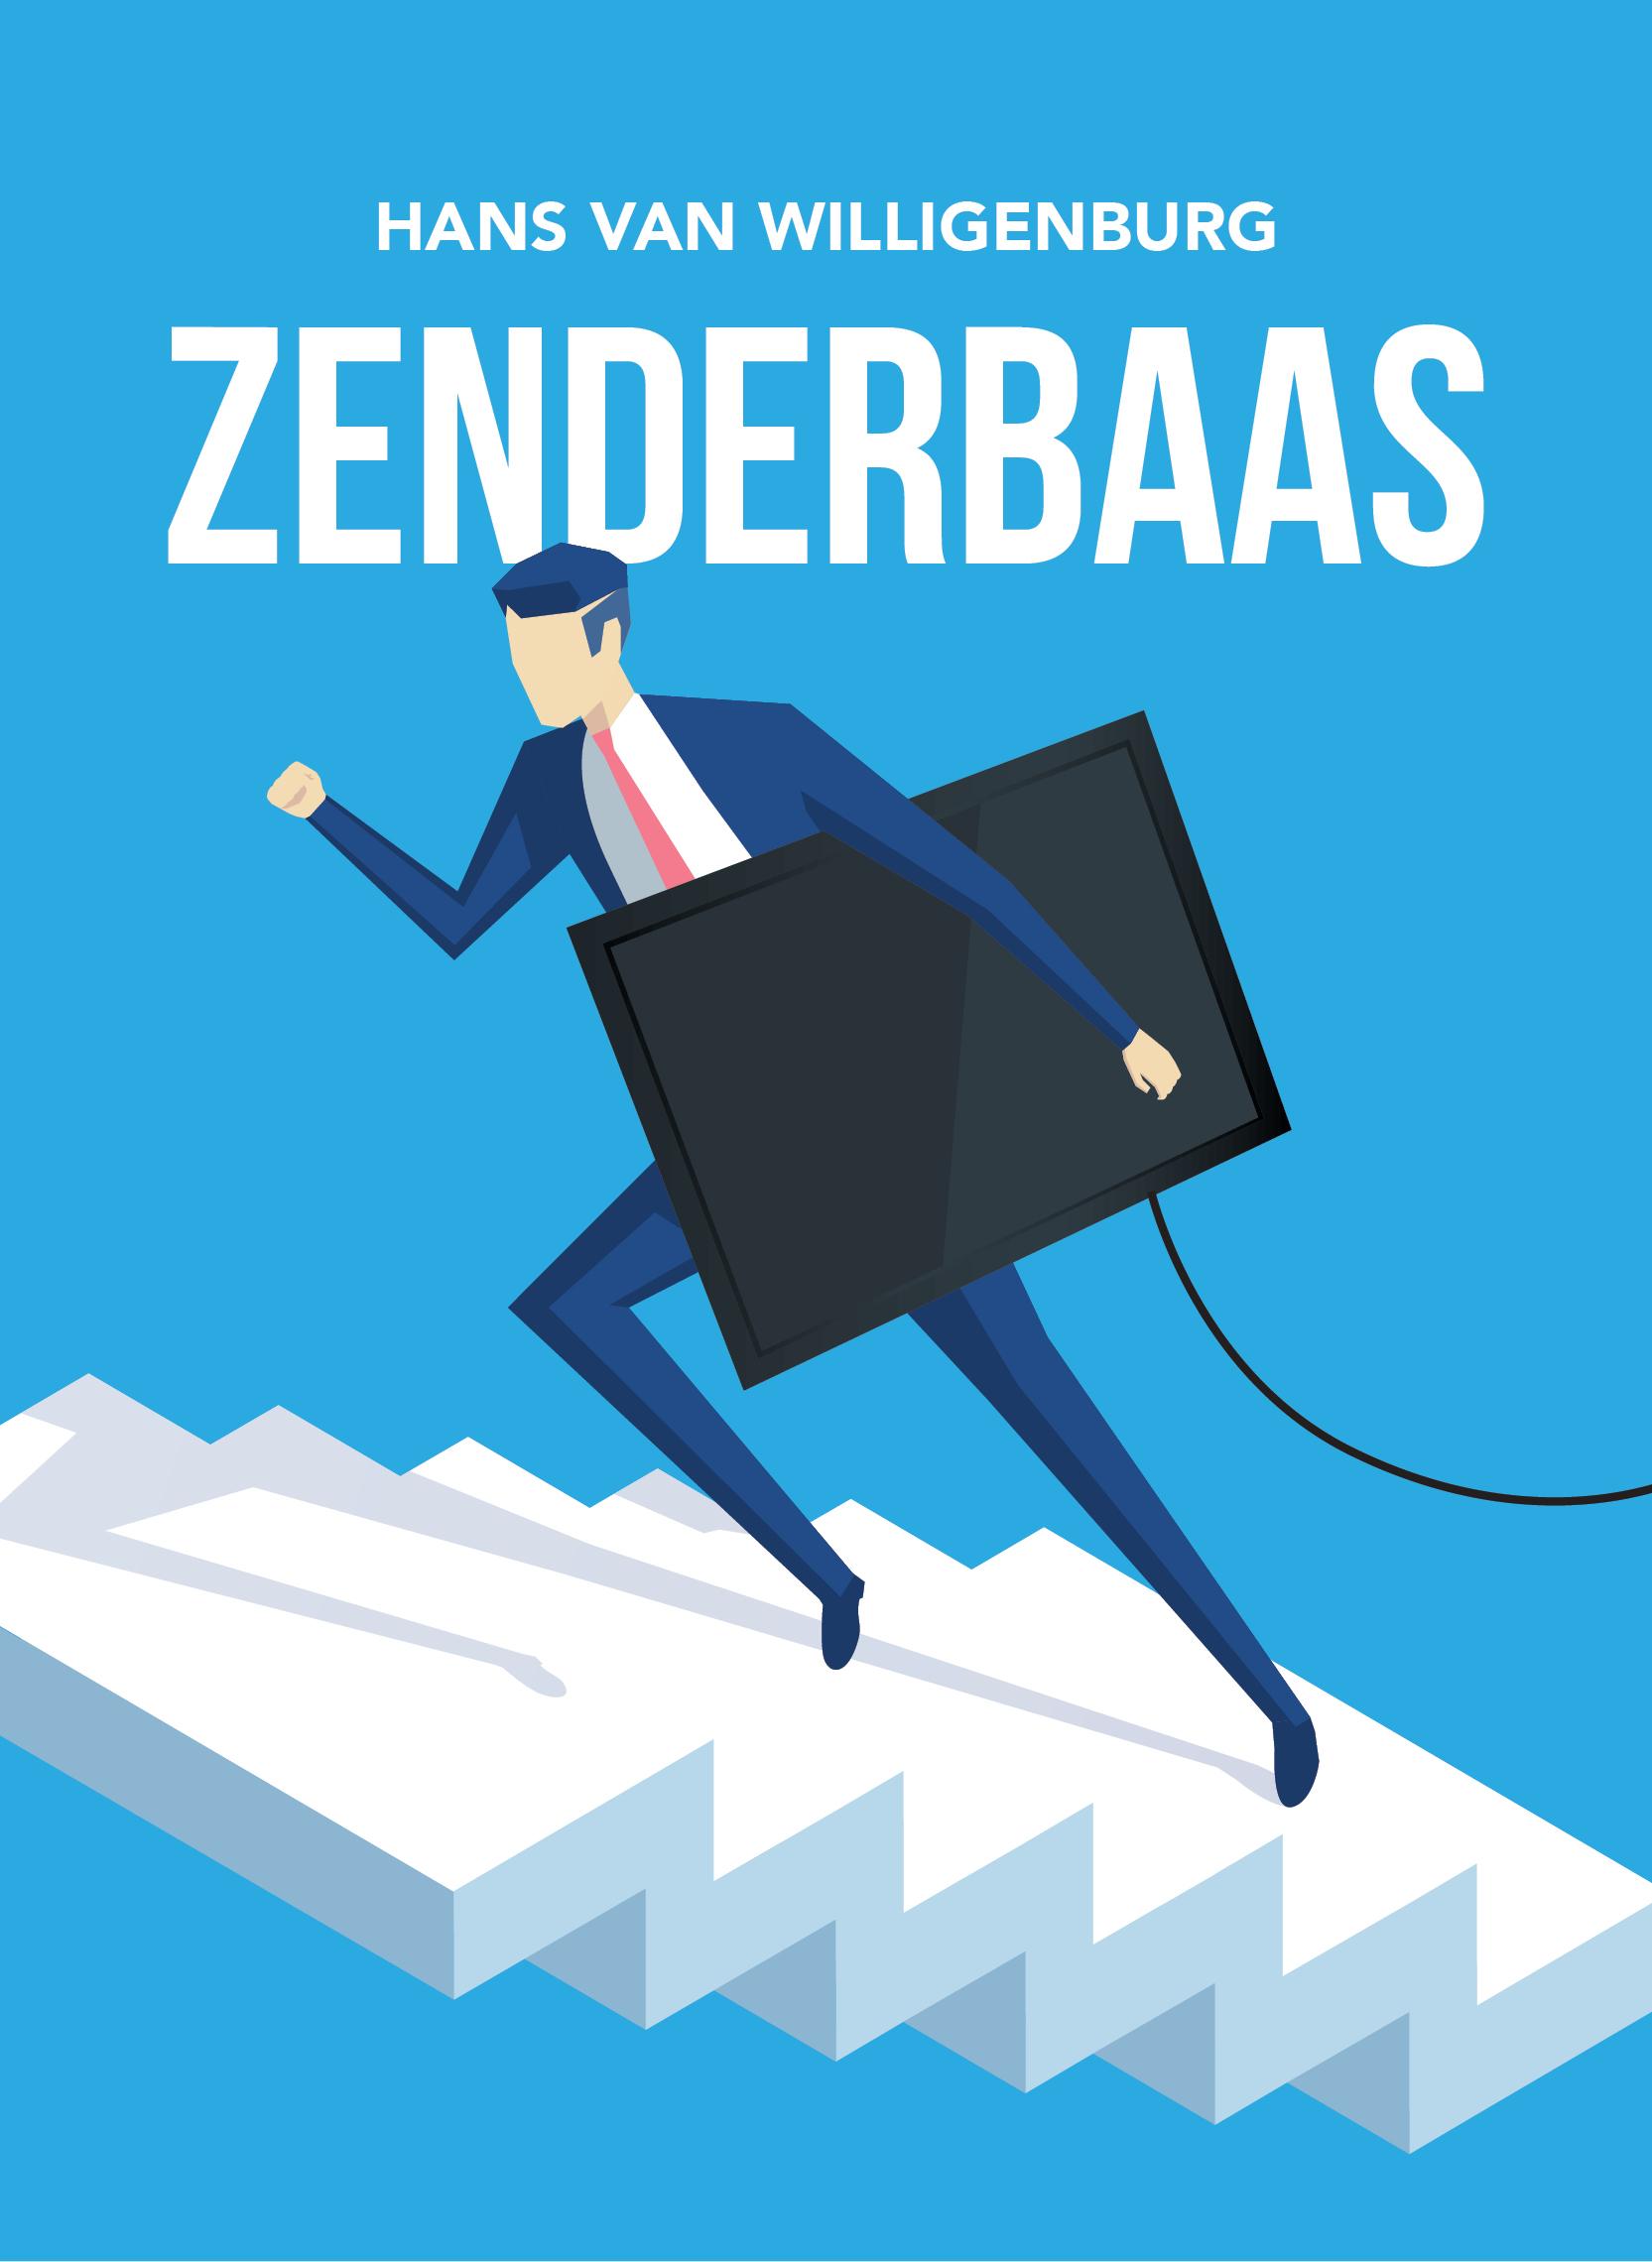 Hans van Willigenburg tekent voor Zenderbaas